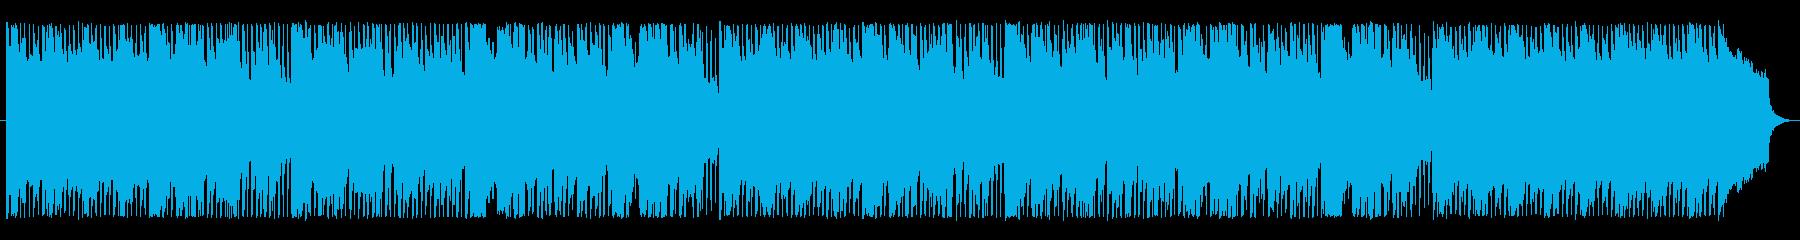 ポップな日常系の曲の再生済みの波形